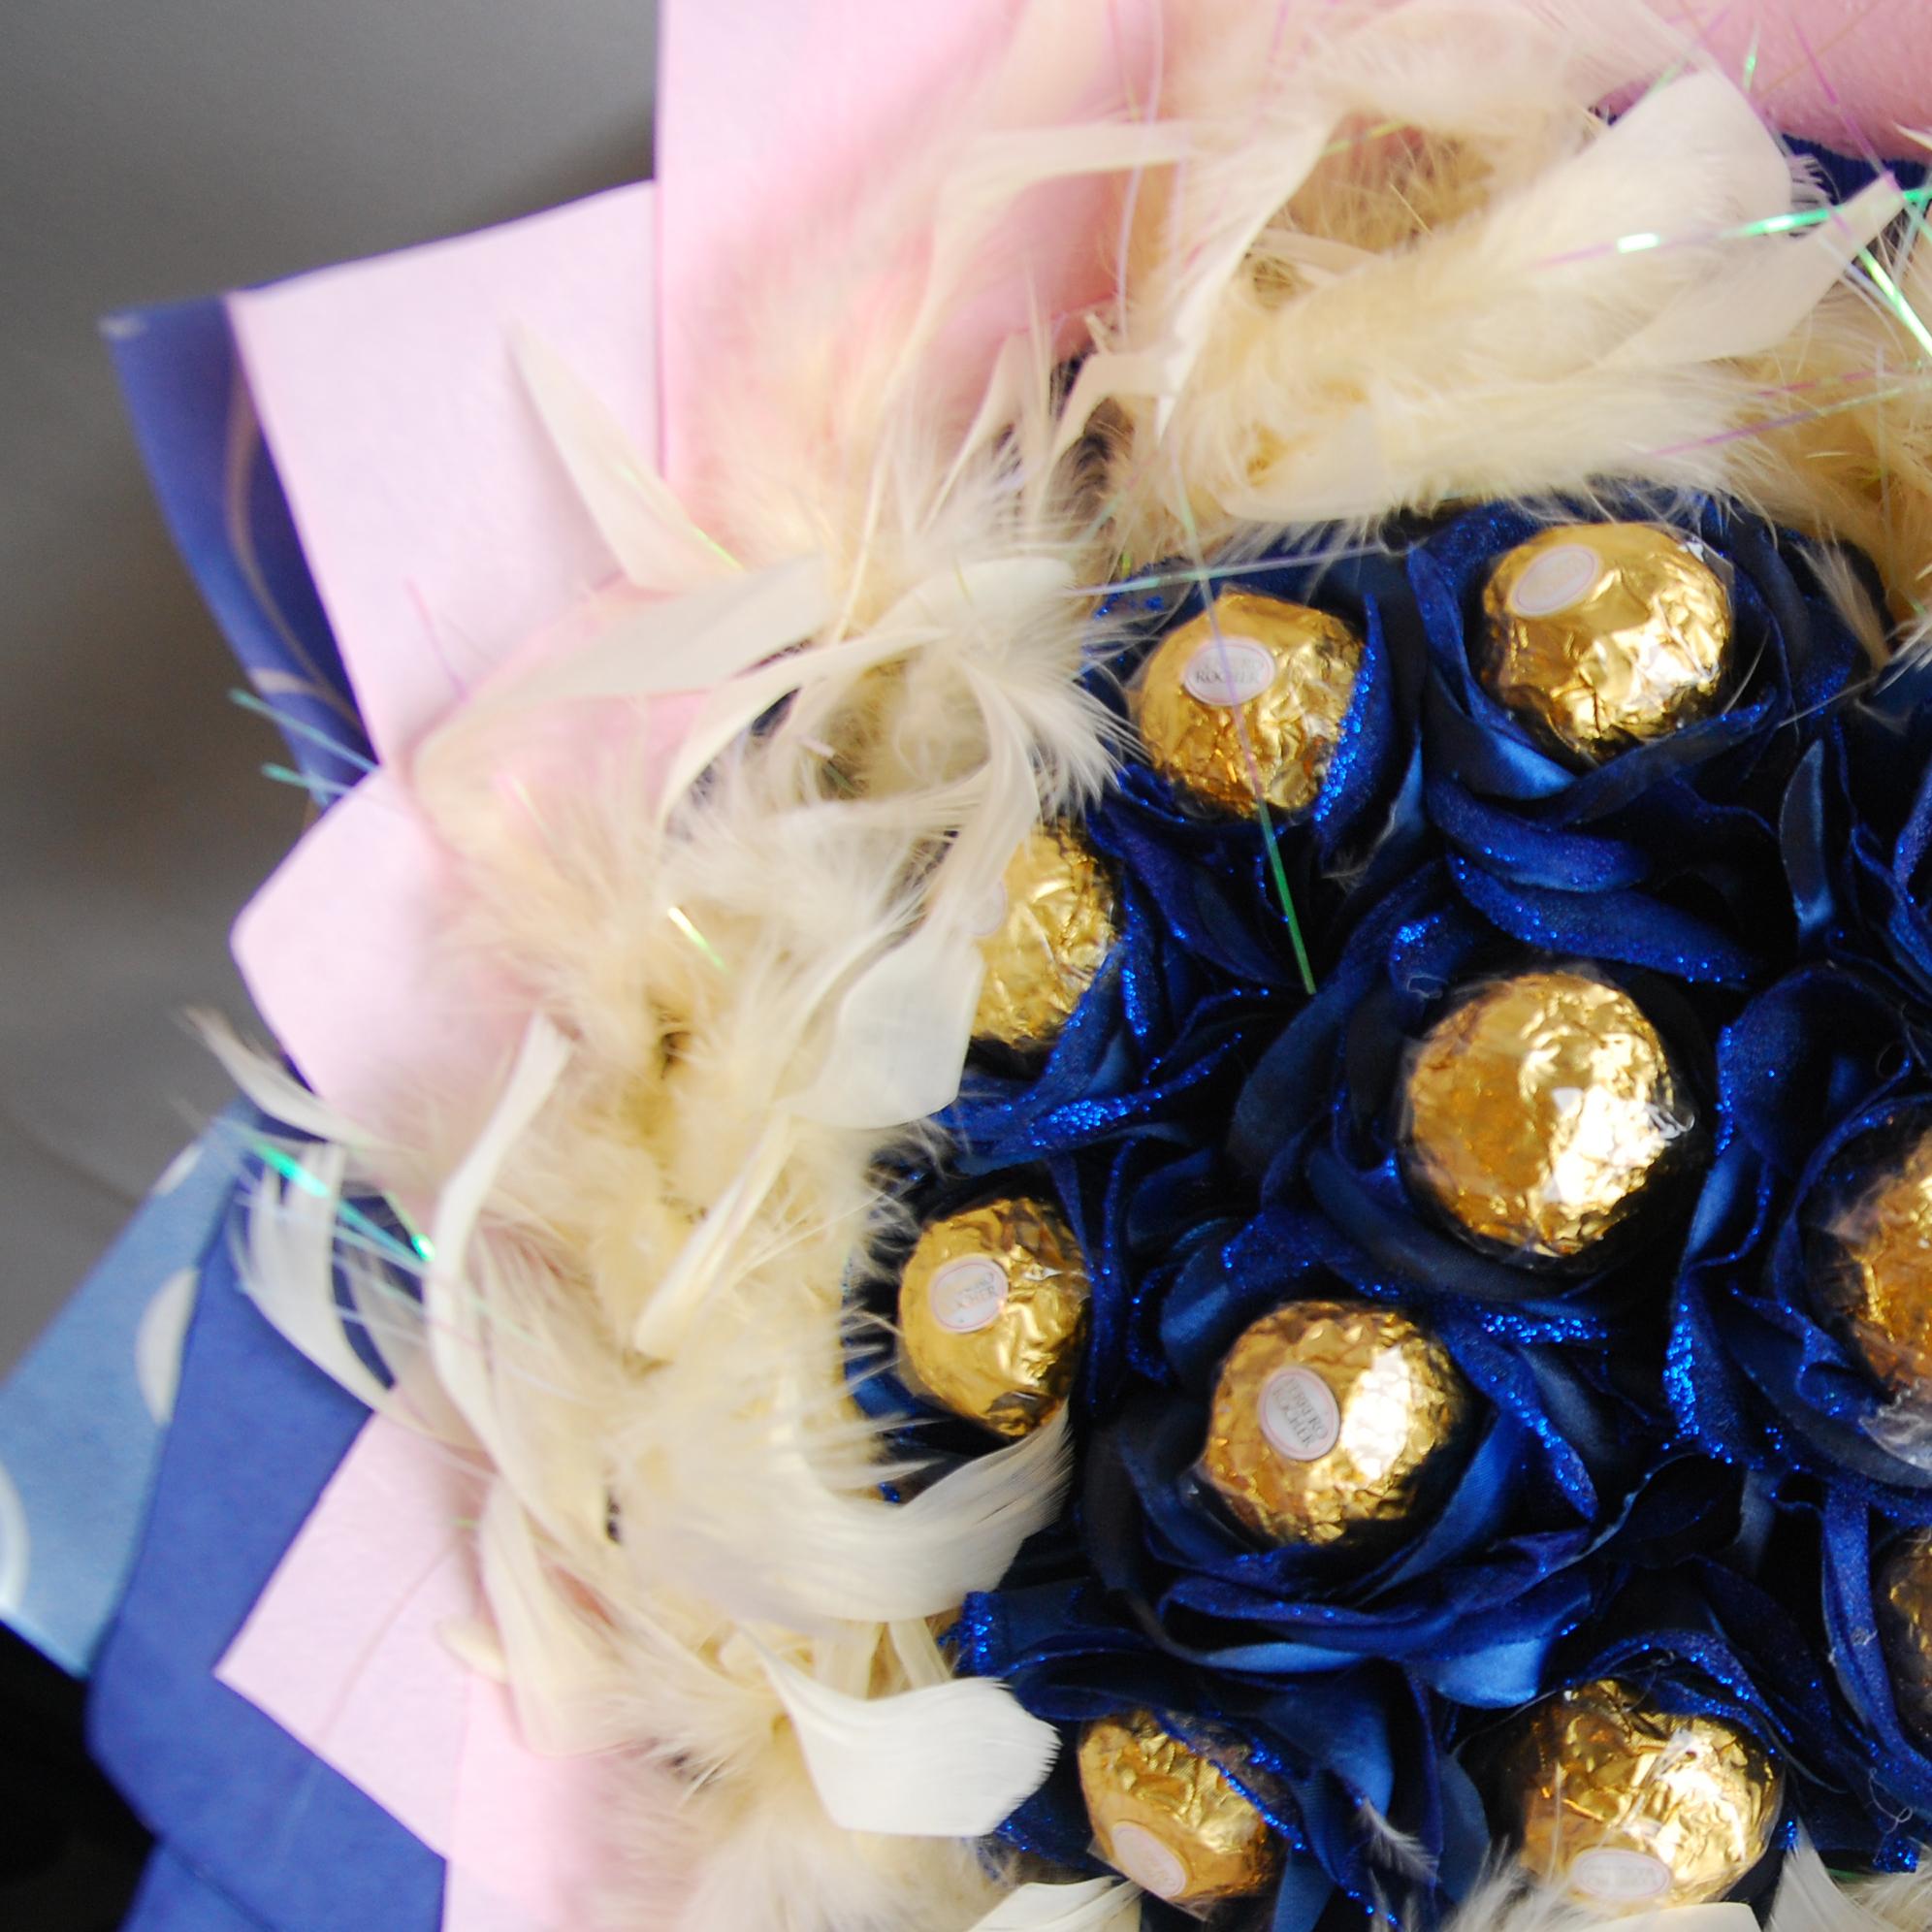 【巧繪網-G040017藍色精靈】十一顆金莎巧克力 / 線上花店 /傳情花束/ 生日禮物 / 金莎花束